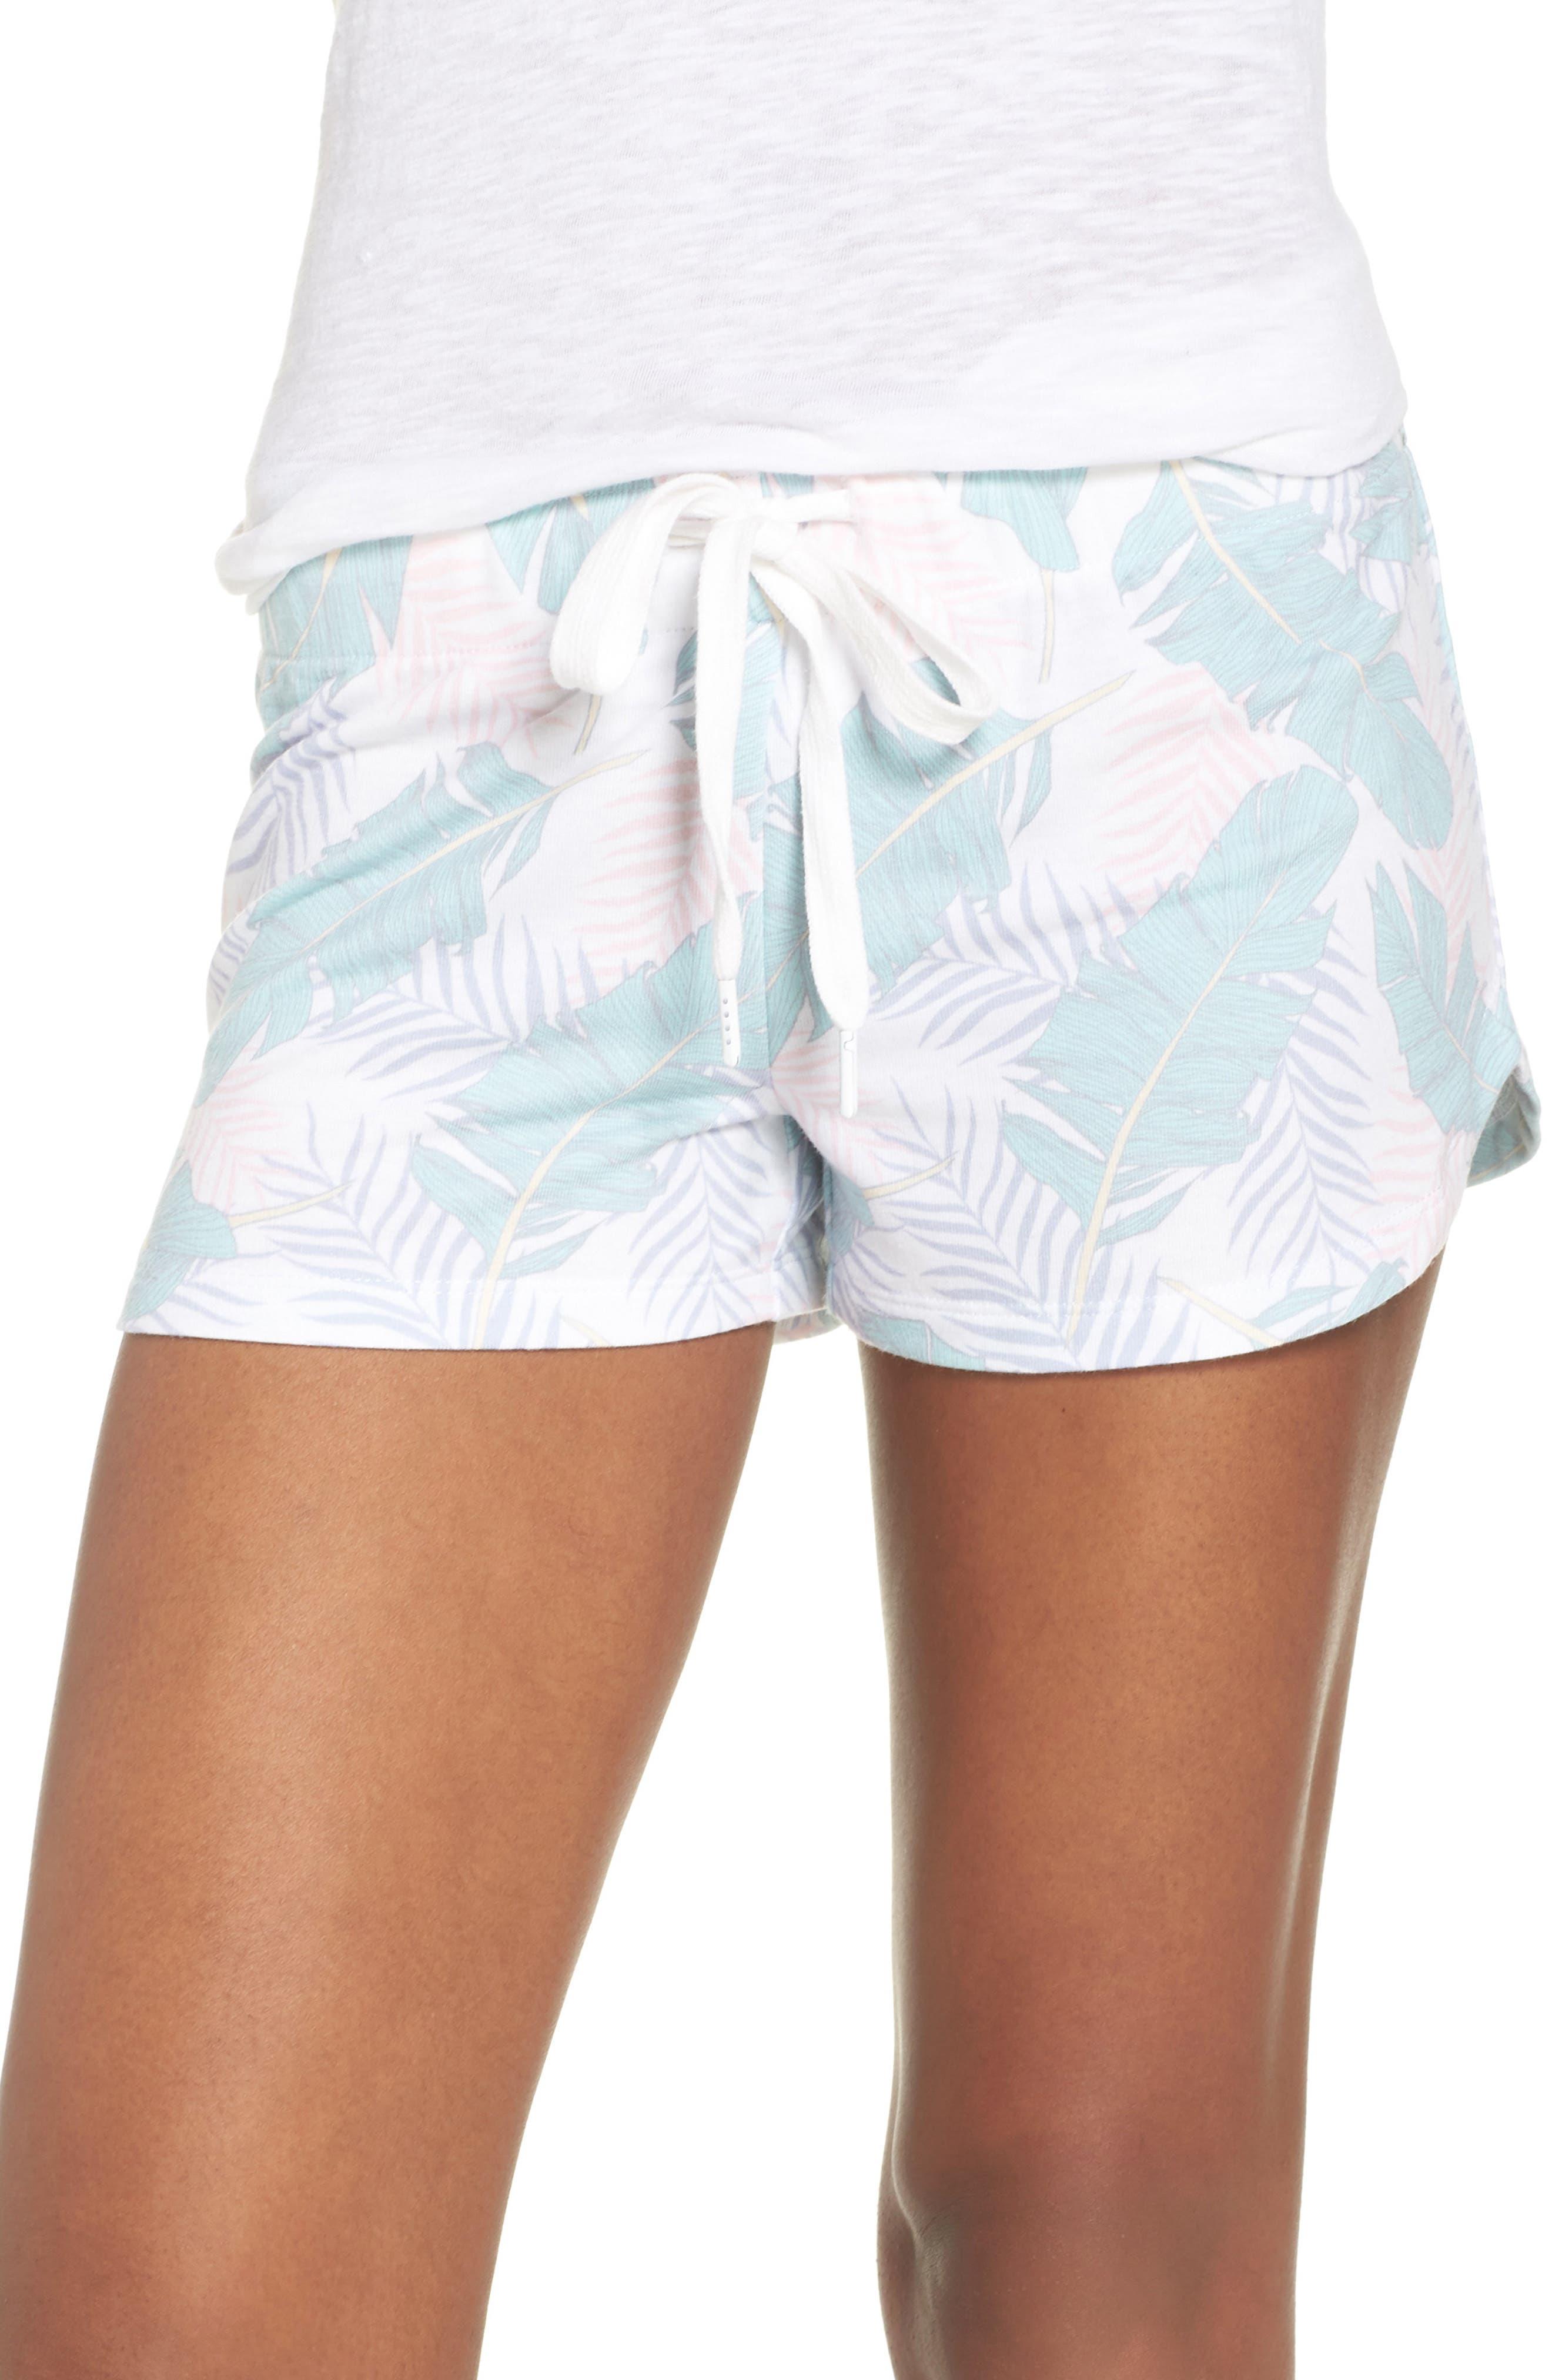 Lounge Shorts,                             Main thumbnail 1, color,                             100